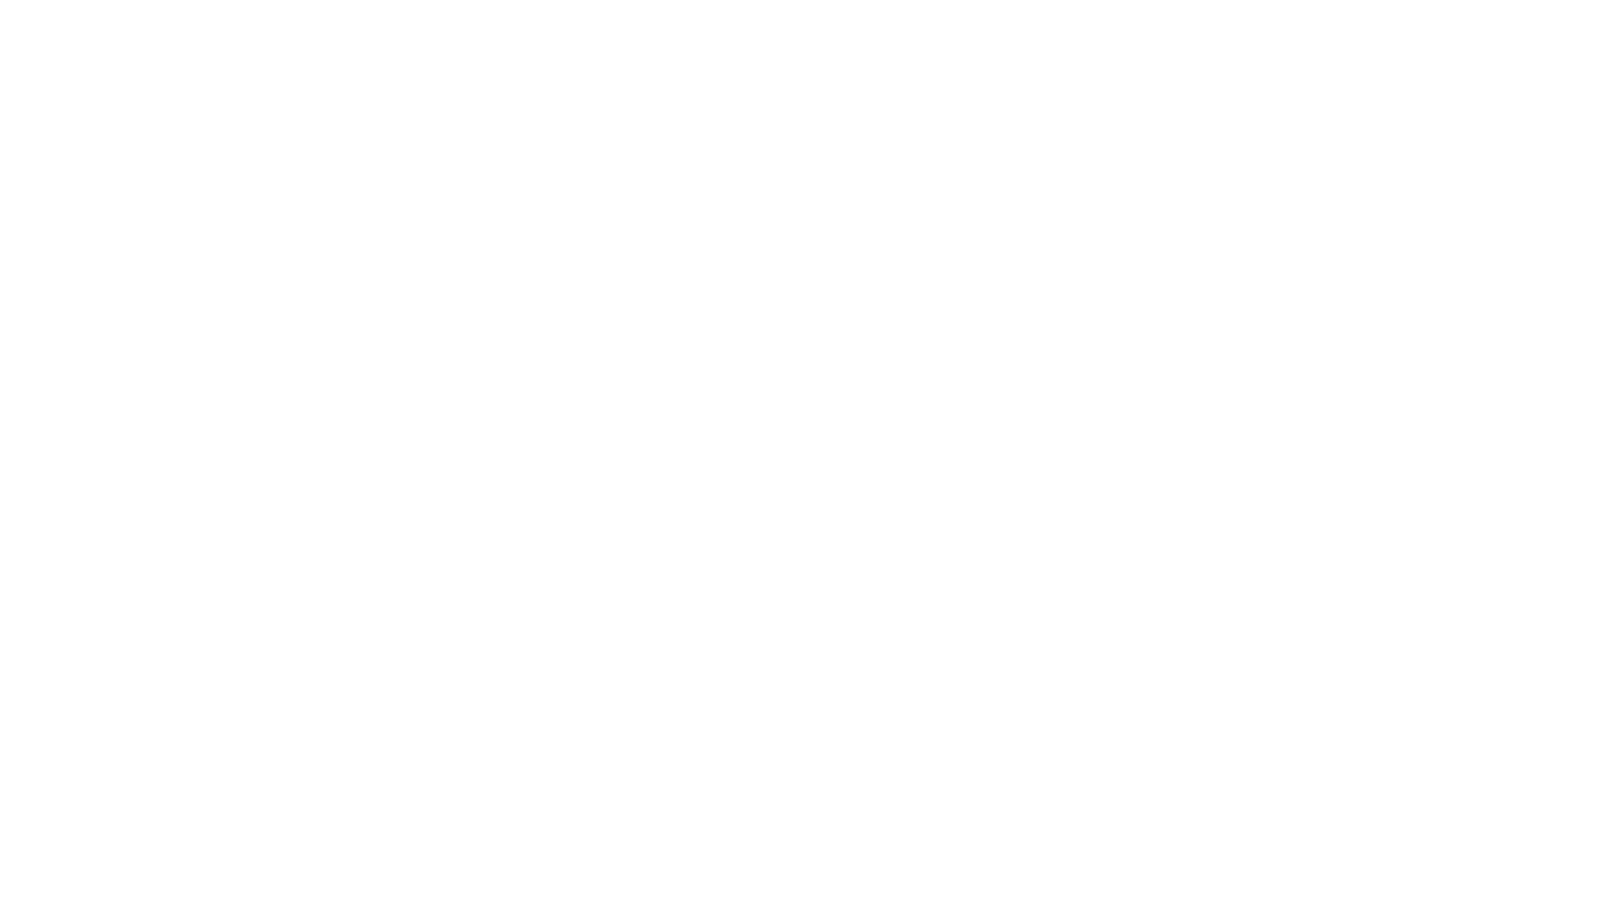 Entende-se por superendividamento a impossibilidade total e absoluta de um consumidor, pessoa física, leigo e de boa-fé, de pagar todas as suas dívidas atuais e futuras. Neste  vídeo vamos abordar aspectos importantes sobre o tema. Deixe os seus comentários se você tem ou já teve algum tipo de problema relacionado a esse tema. A Braghini Advogados pode te auxiliar. Para maiores informações, acesse os links abaixo: https://www.braghini.adv.br https://blog.braghini.adv.br https://facebook.com/braghiniadvogados https://instagram.com/braghiniadvogados e-mail:  relacionamento@braghini.adv.br